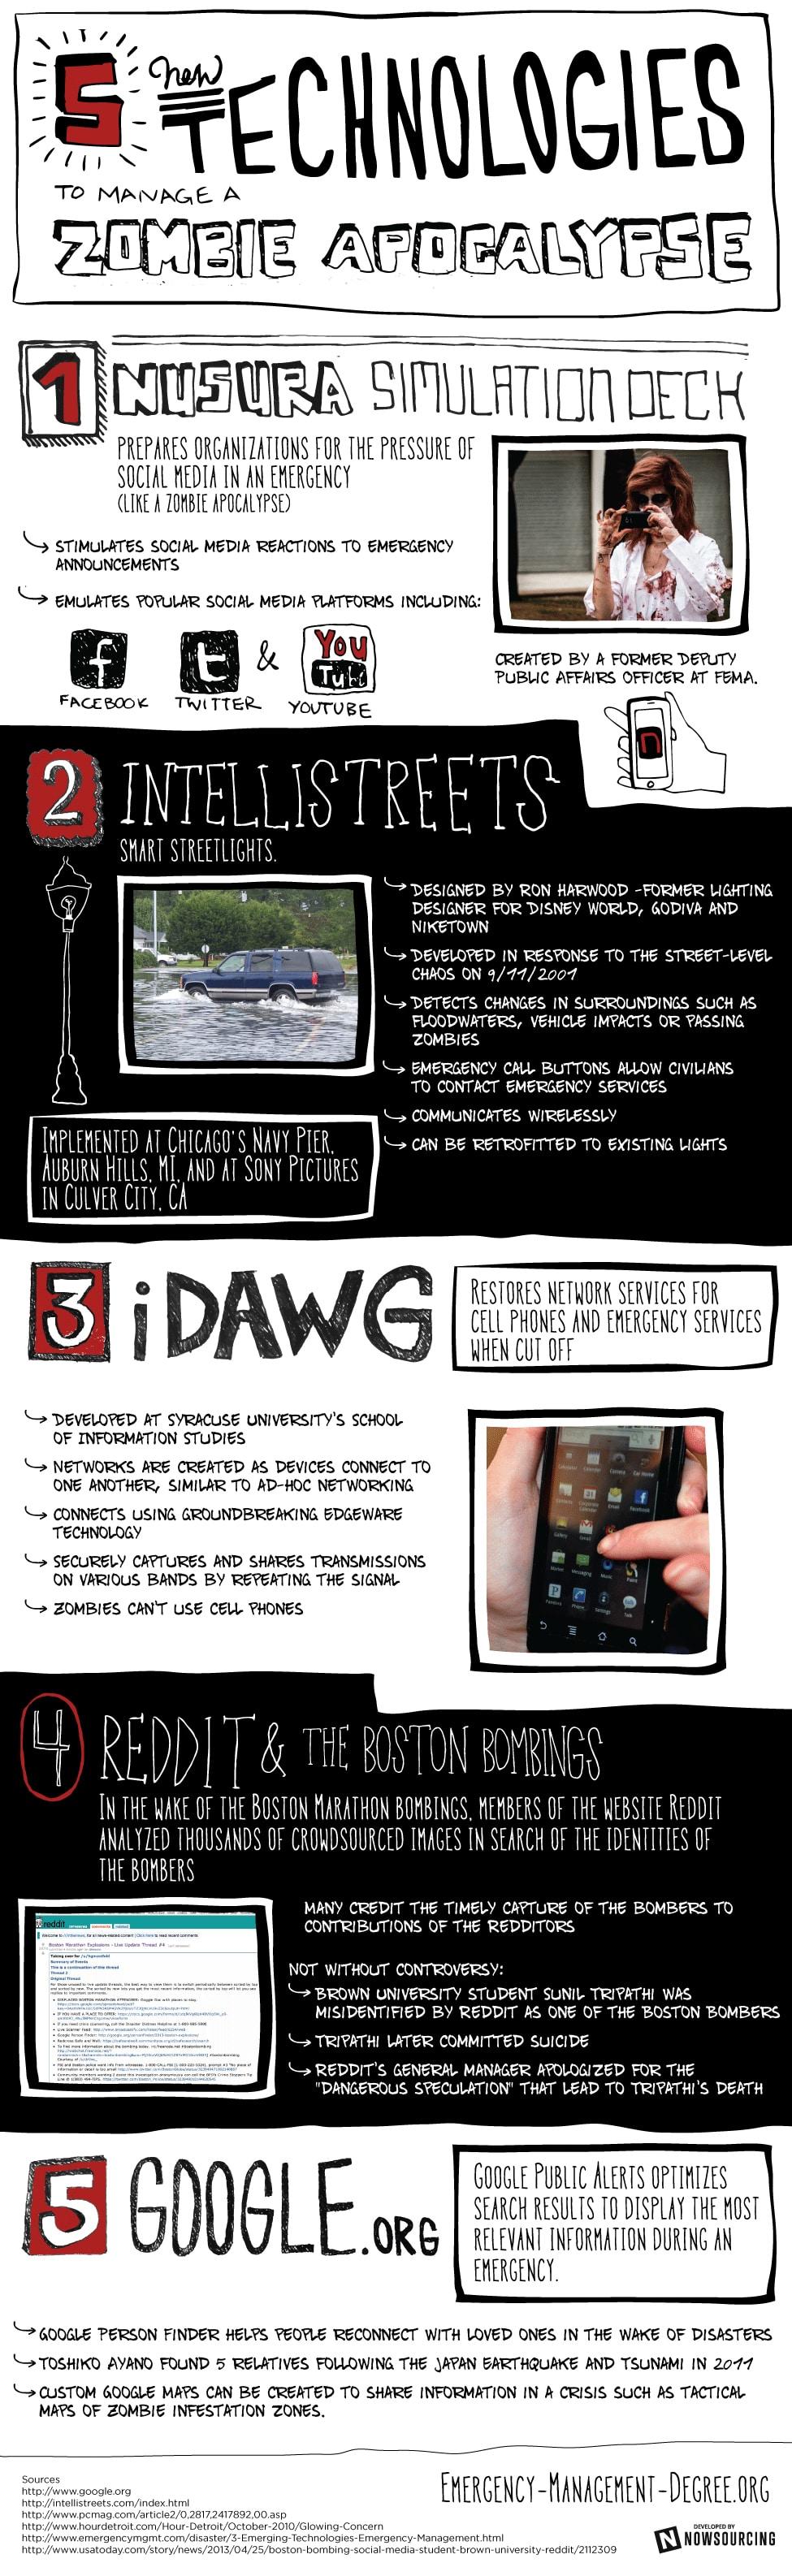 new-technologies-zombie-apocalypse-infographic